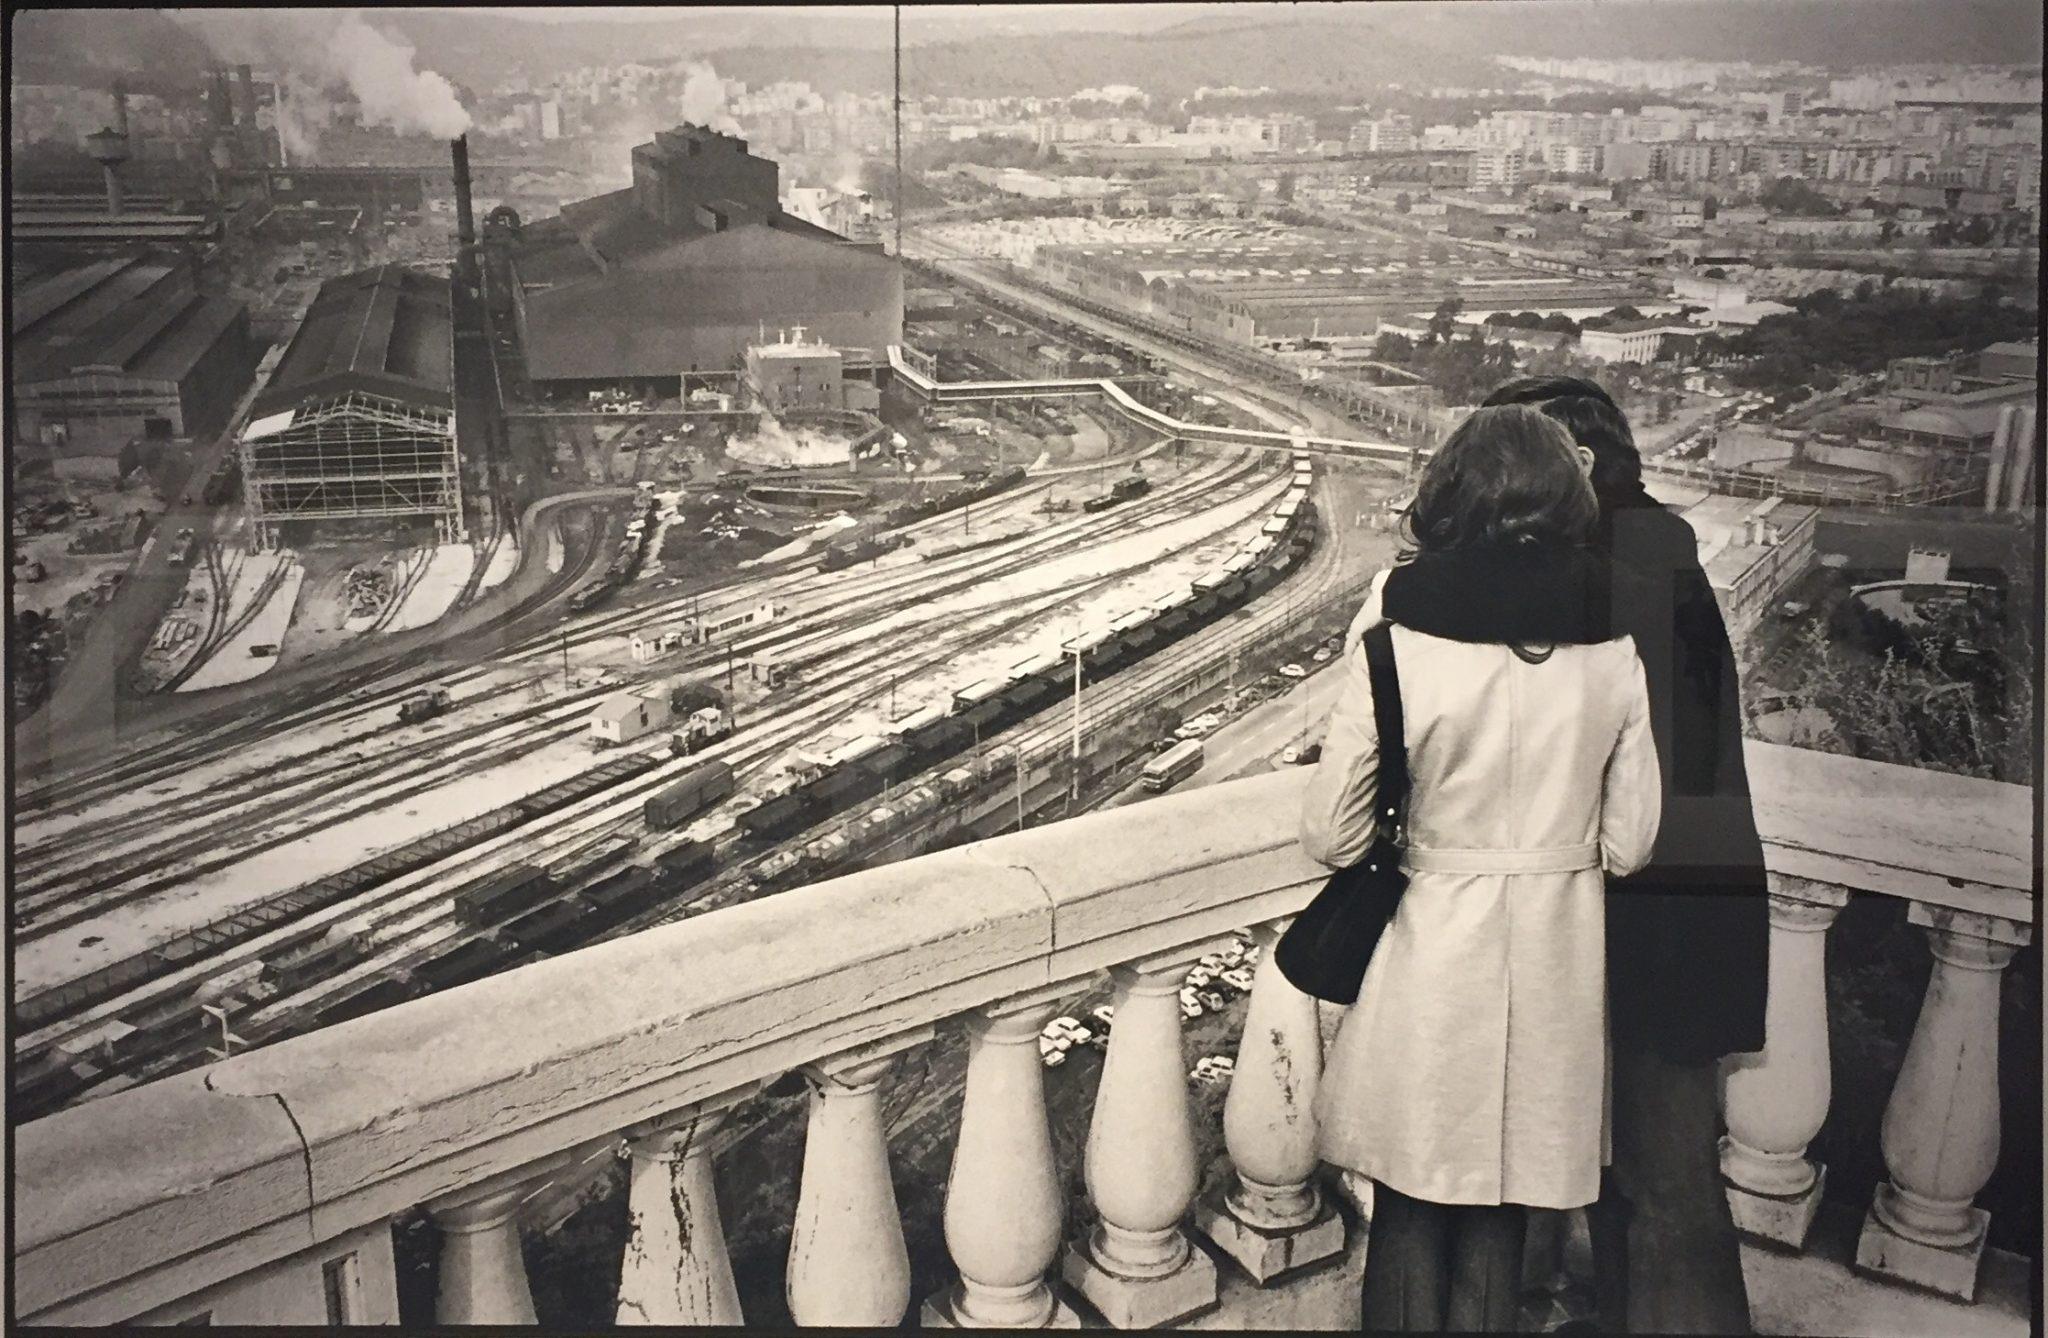 La poesia dei paesaggi di Henri Cartier-Bresson domina il Forte di Bard. Le immagini